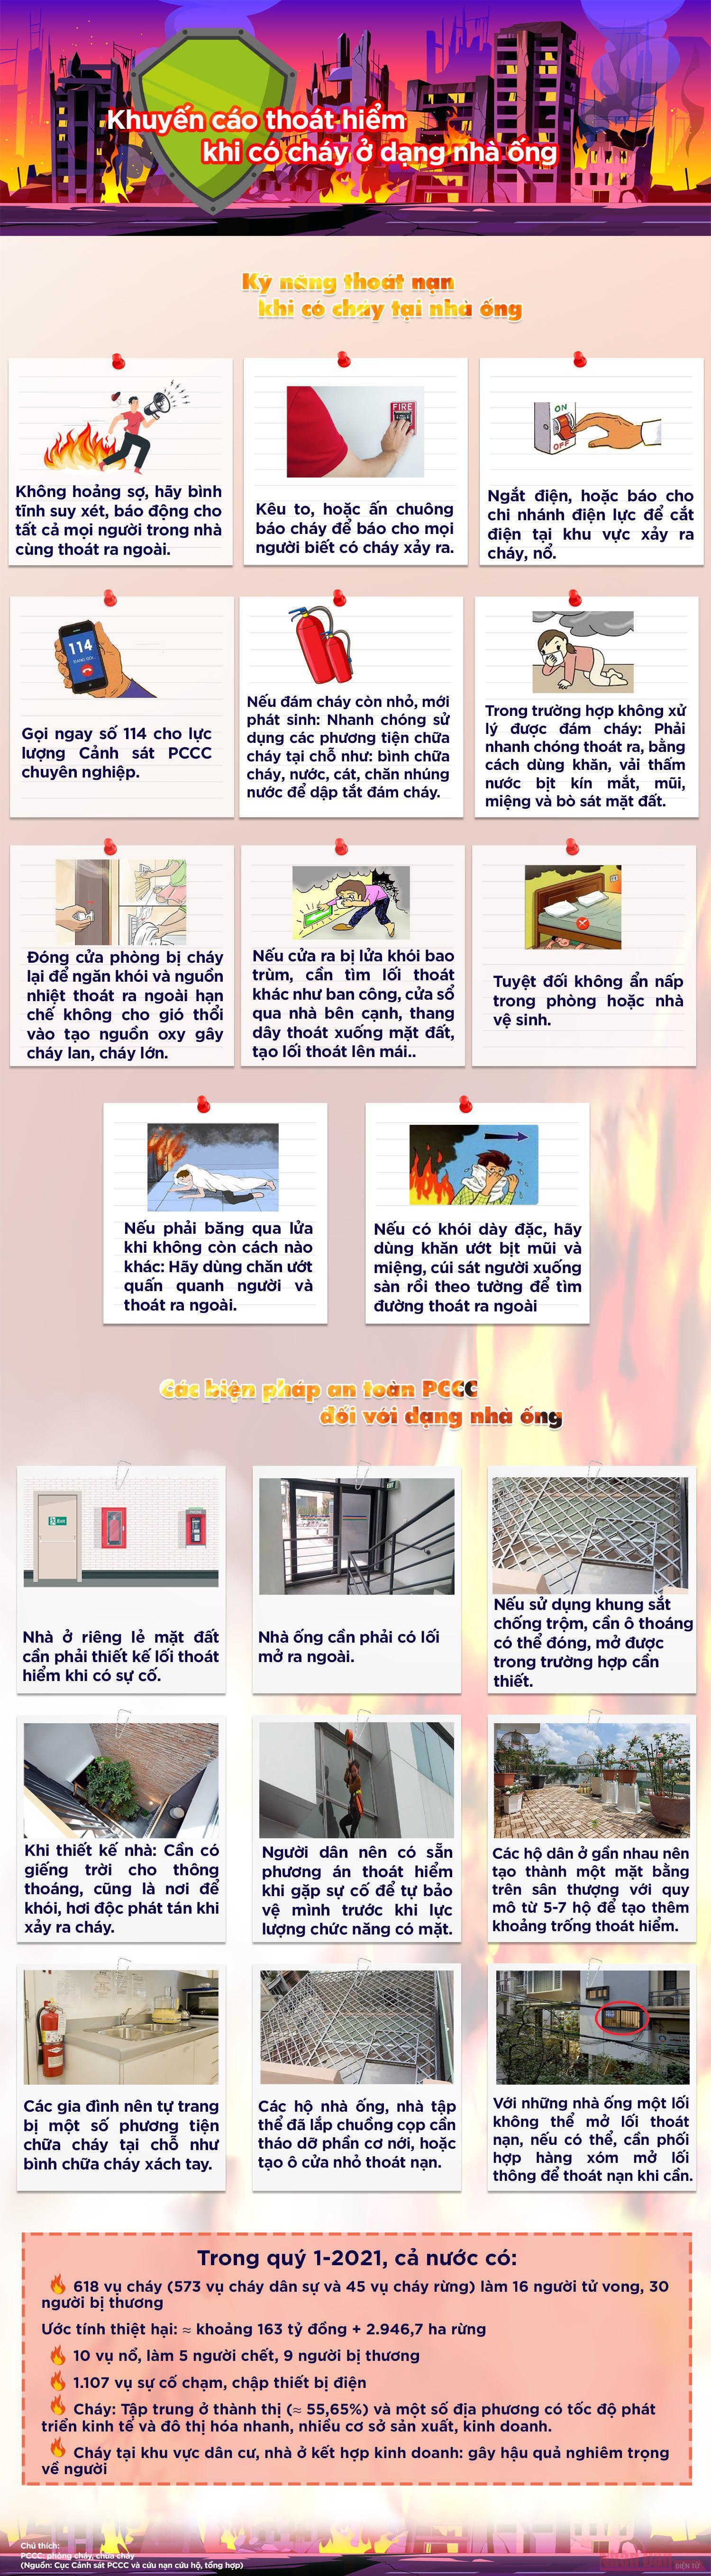 [Infographic] Khuyến cáo thoát hiểm khi có cháy ở dạng nhà ống -0